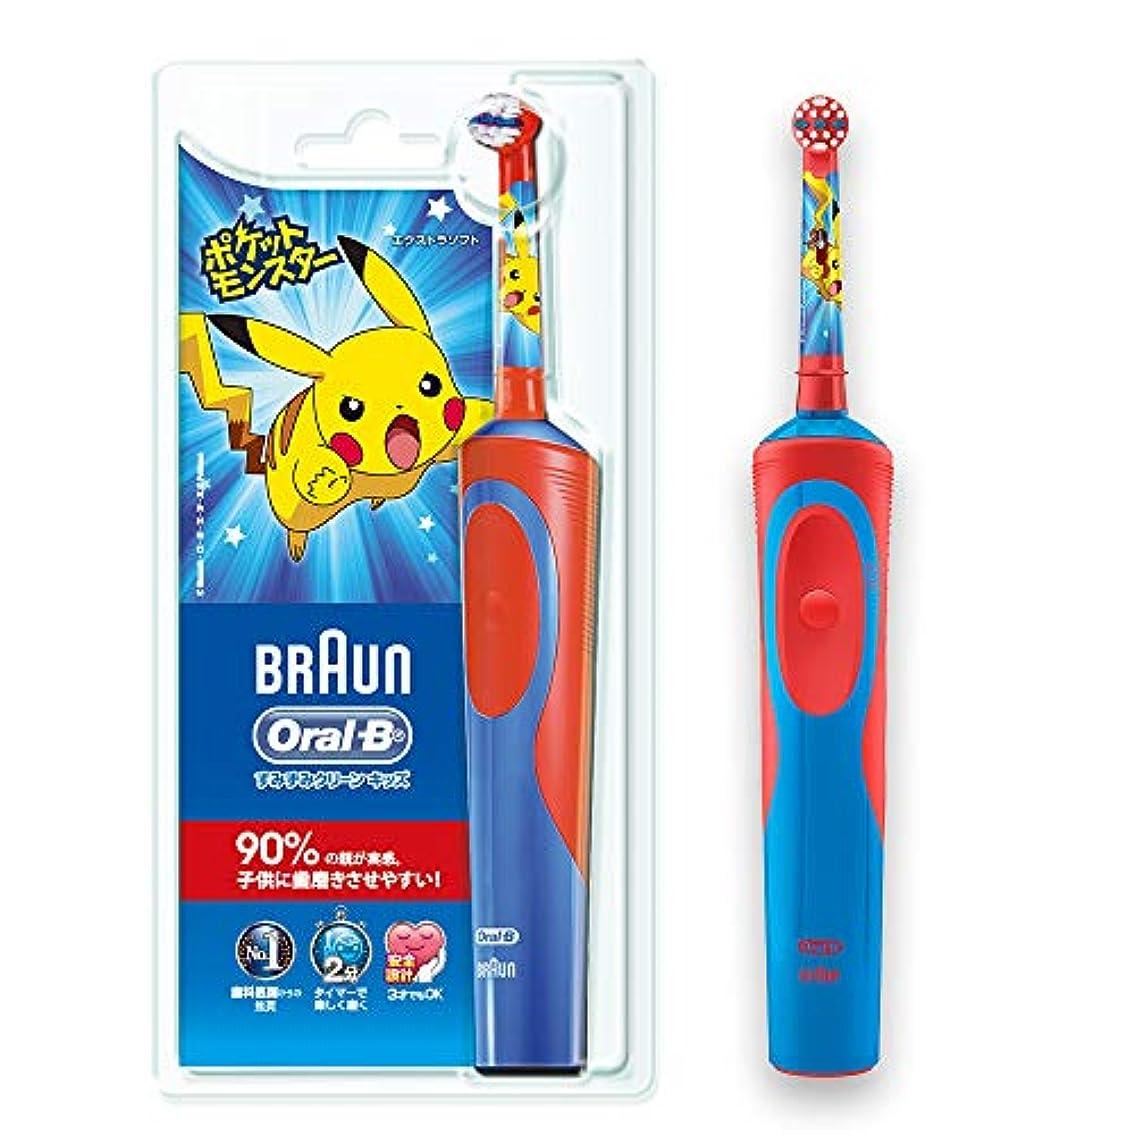 アンソロジードリンク口述ブラウン オーラルB 電動歯ブラシ 子供用 D12513KPKMB すみずみクリーンキッズ 本体 レッド ポケモン 歯ブラシ